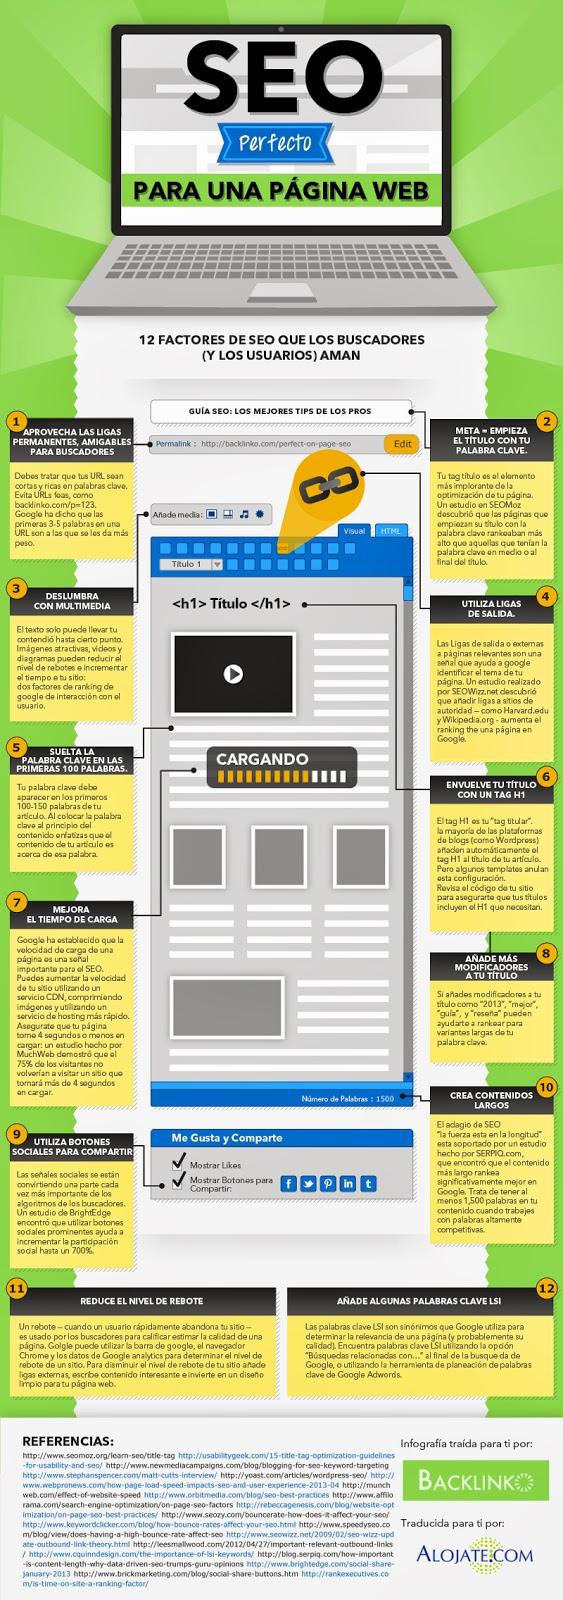 Infografía SEO Perfecto para una Página Web.